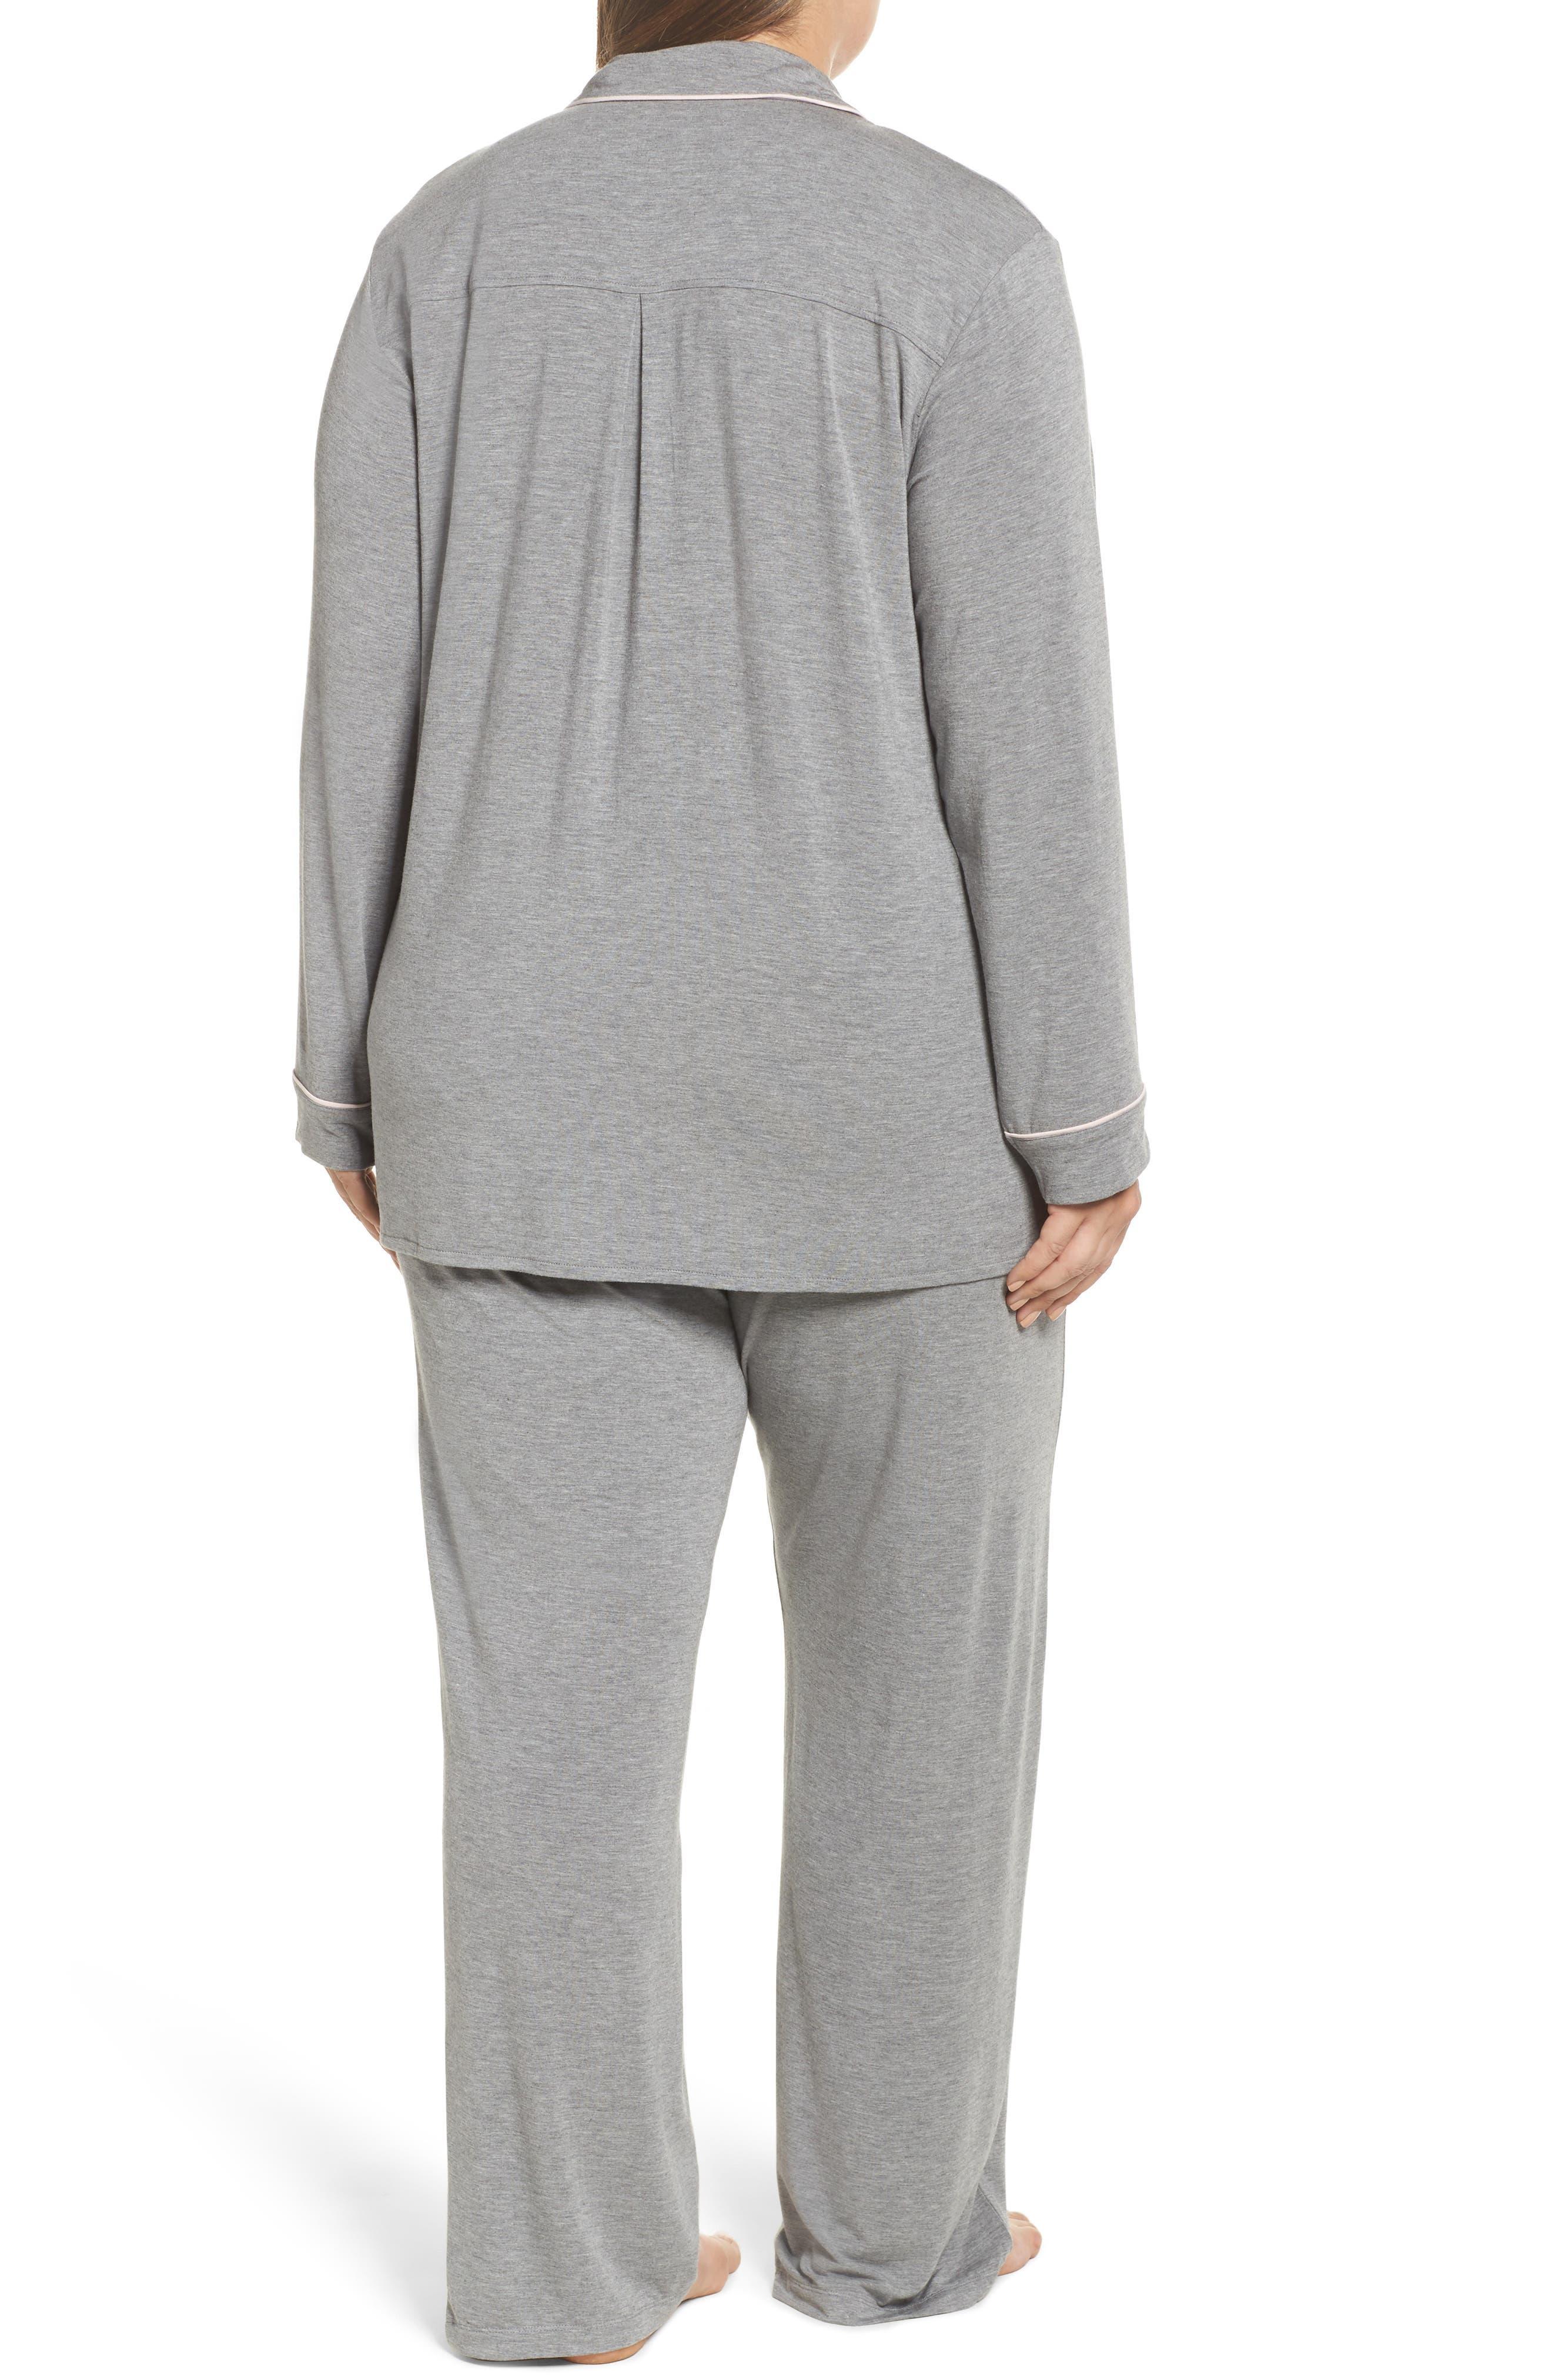 Alternate Image 2  - PJ Salvage Stretch Modal Pajamas & Eye Mask (Plus Size)